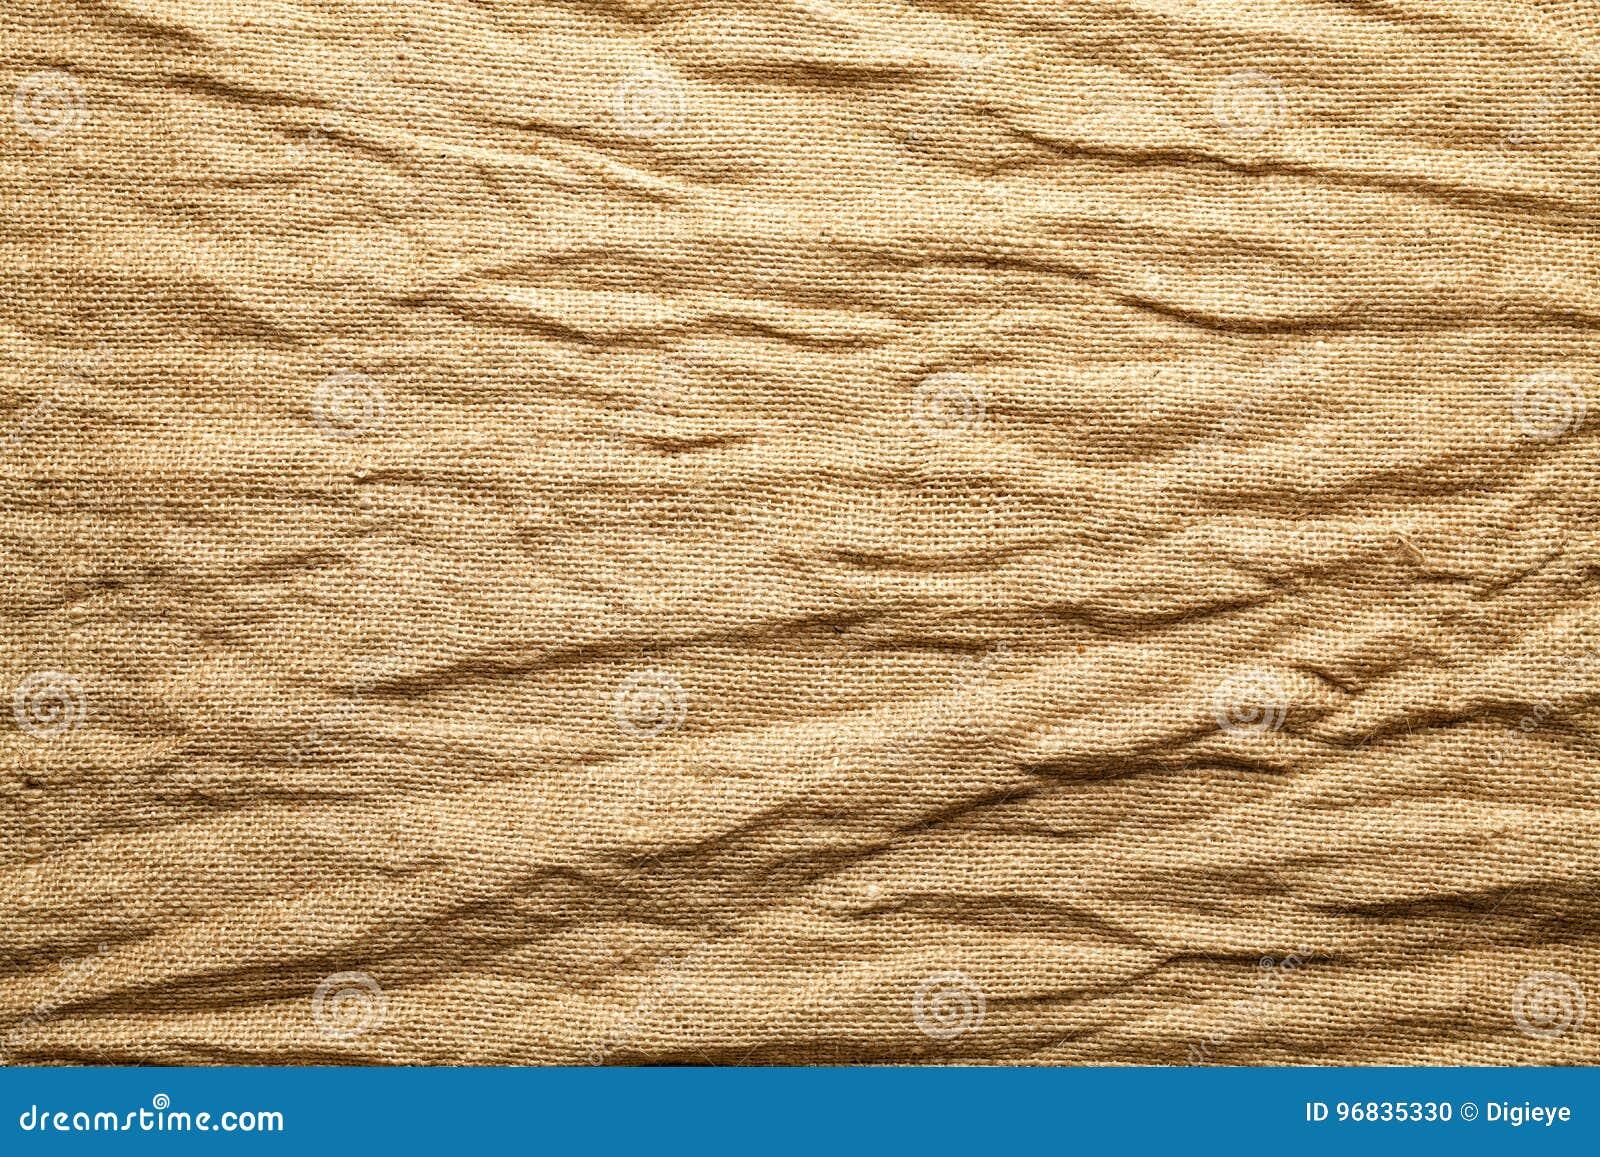 Crumpled jute bag background